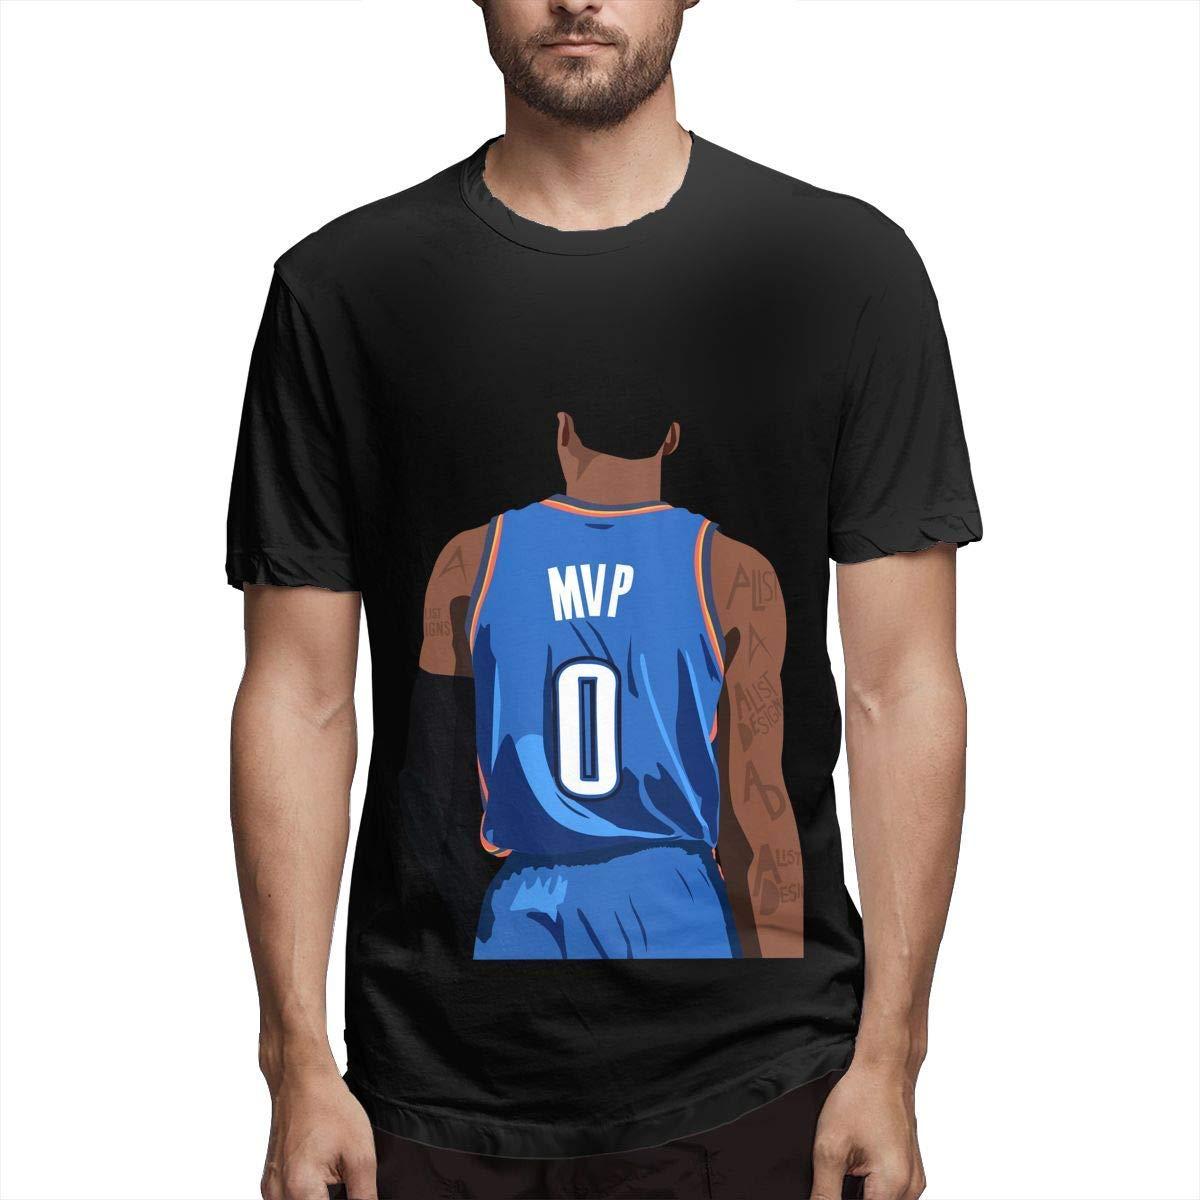 Mvp California Russ-ell Westb-rook T-shirt